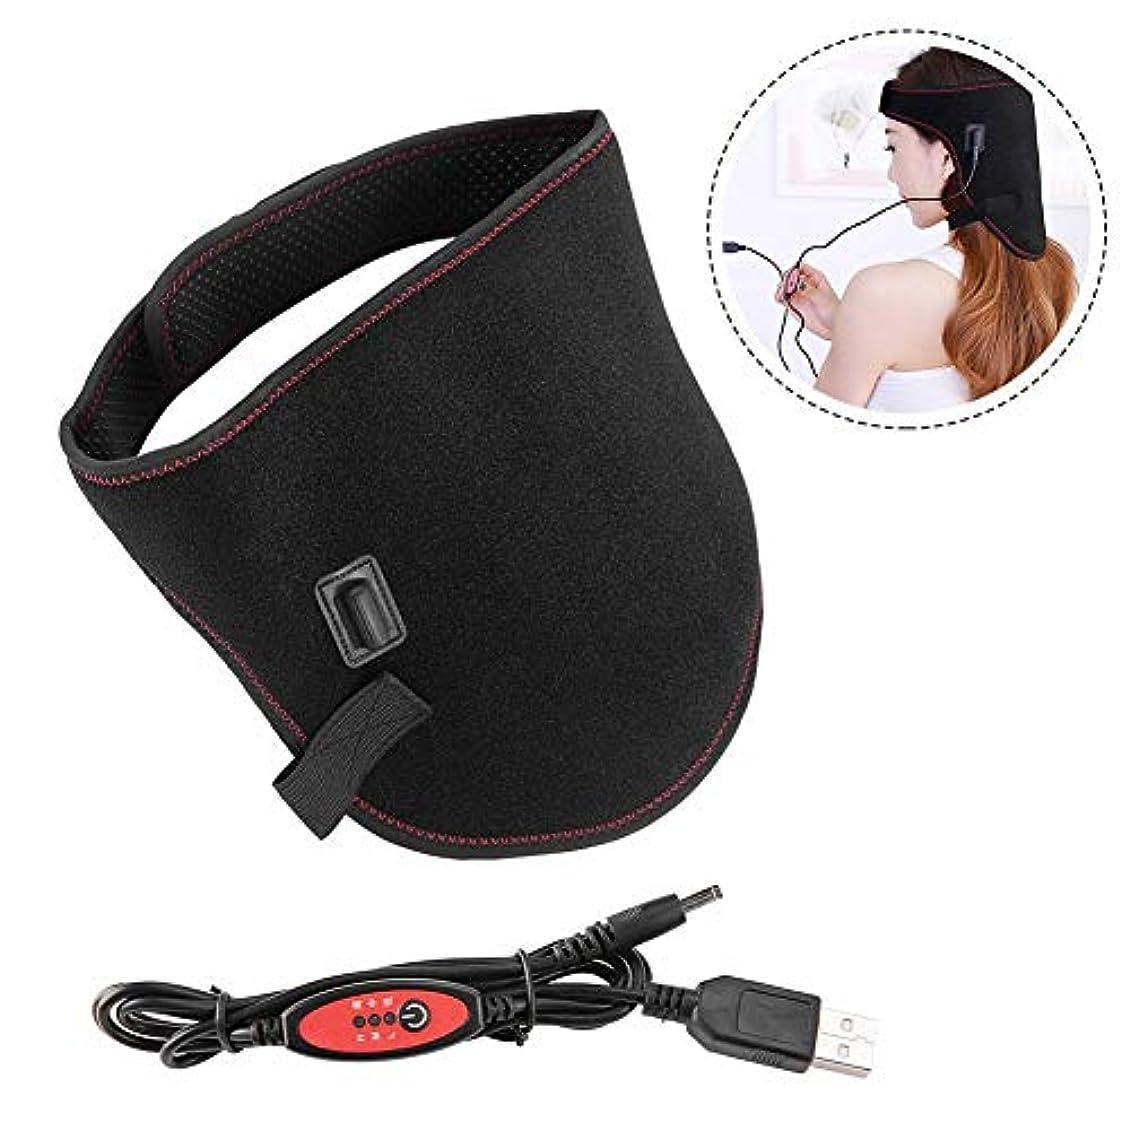 新しい意味フラスコ放つ加熱ネックベルト、usbネオプレン電気赤外線温度制御加熱熱い圧縮ヘッド保護ラップにケア頭痛ホームオフィスの使用